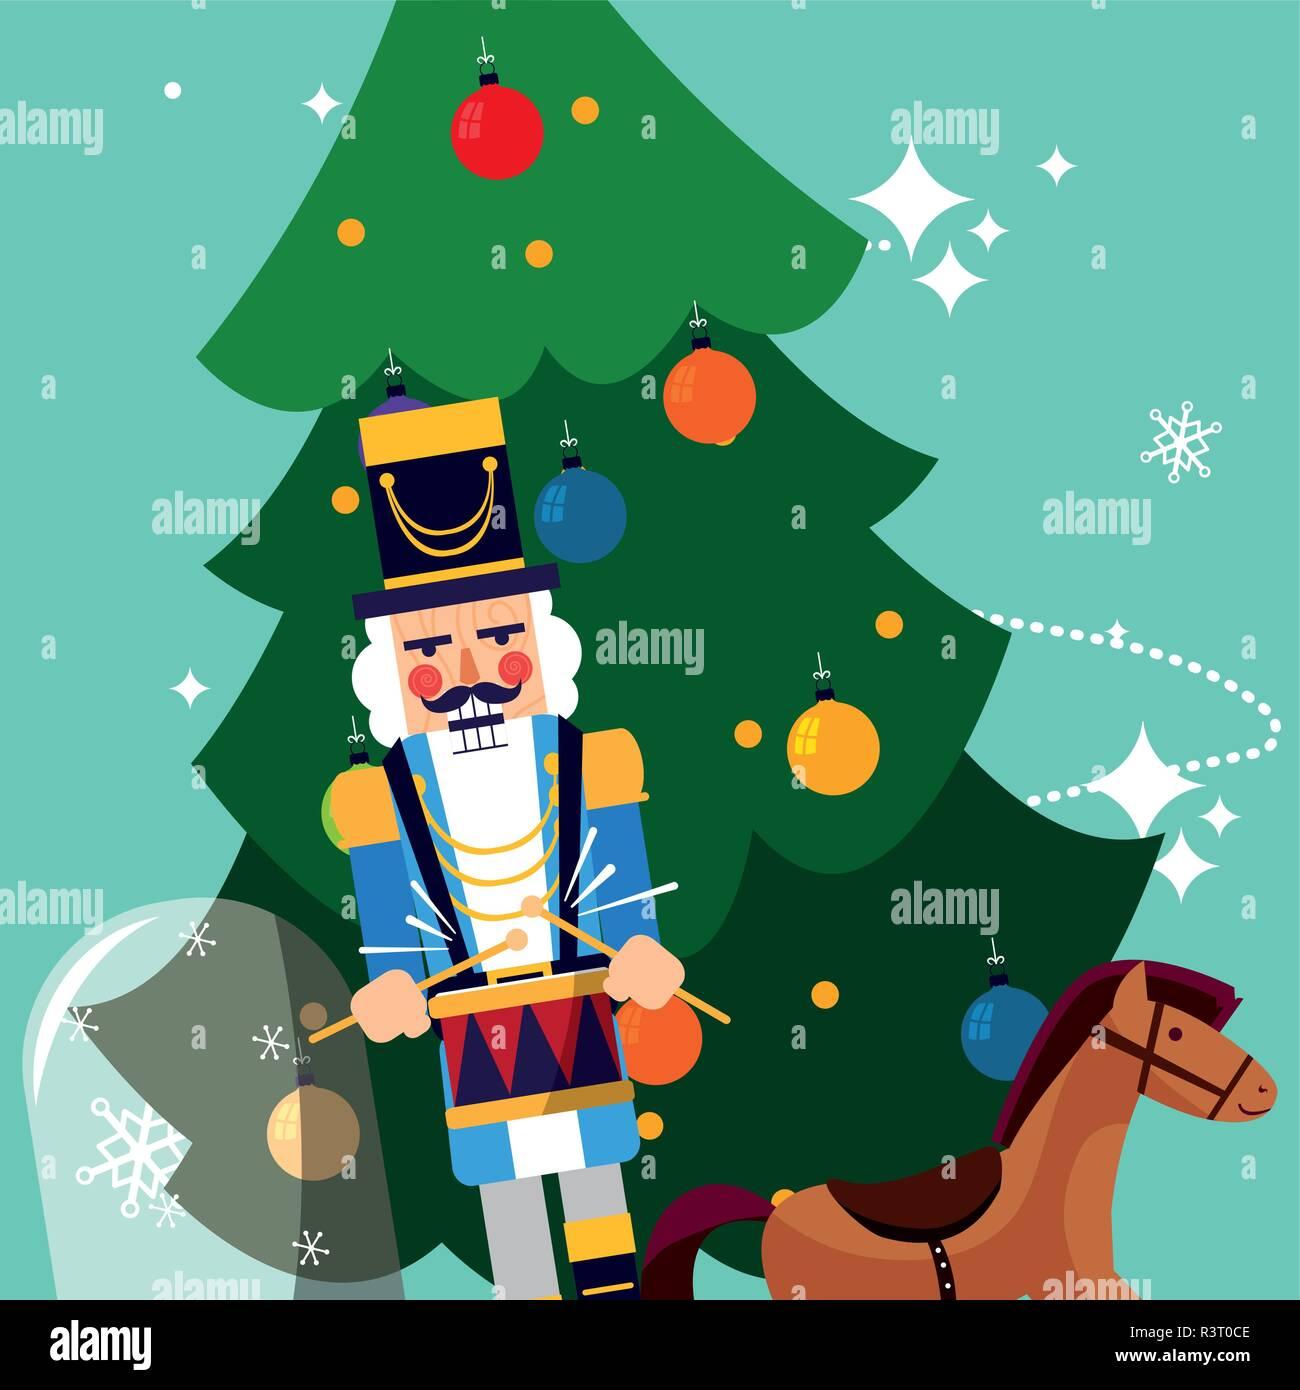 Immagini Di Natale Con Cavalli.Albero Di Natale Con Cavallo Di Legno E Schiaccianoci Su